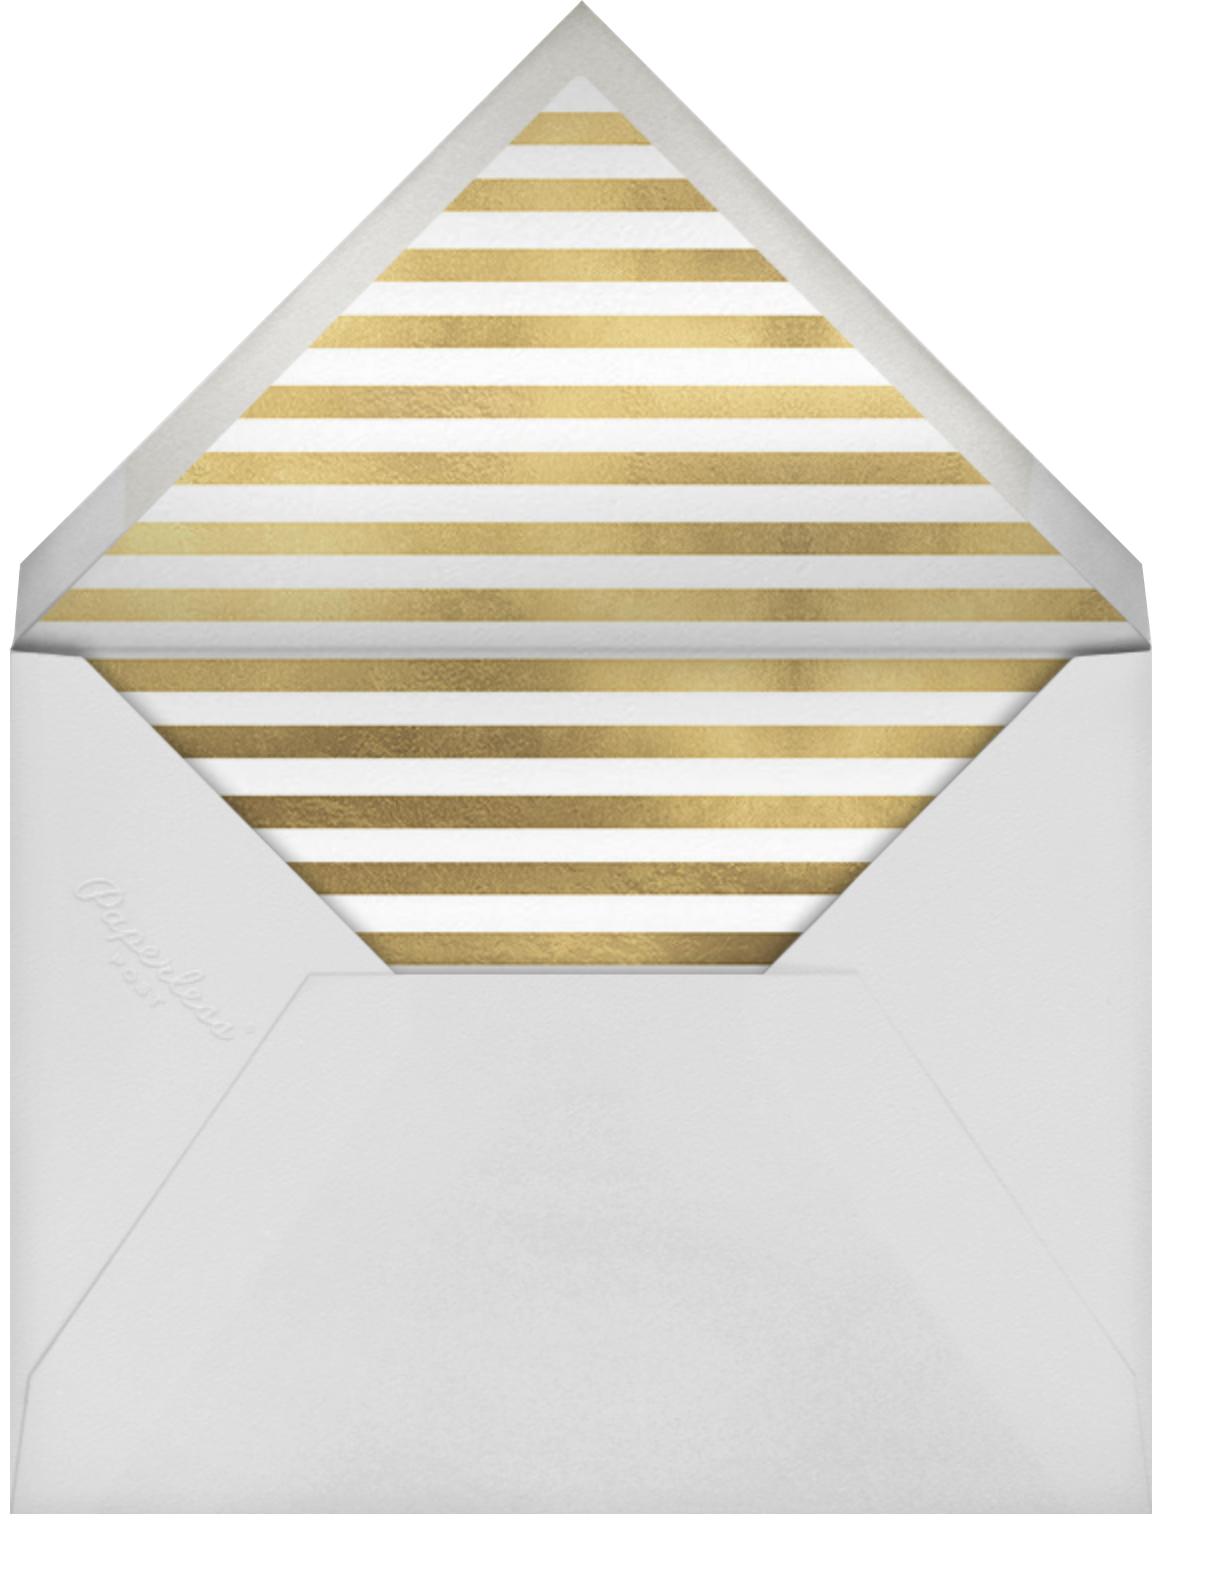 Better Halves Border - Pavlova - kate spade new york - Valentine's Day - envelope back